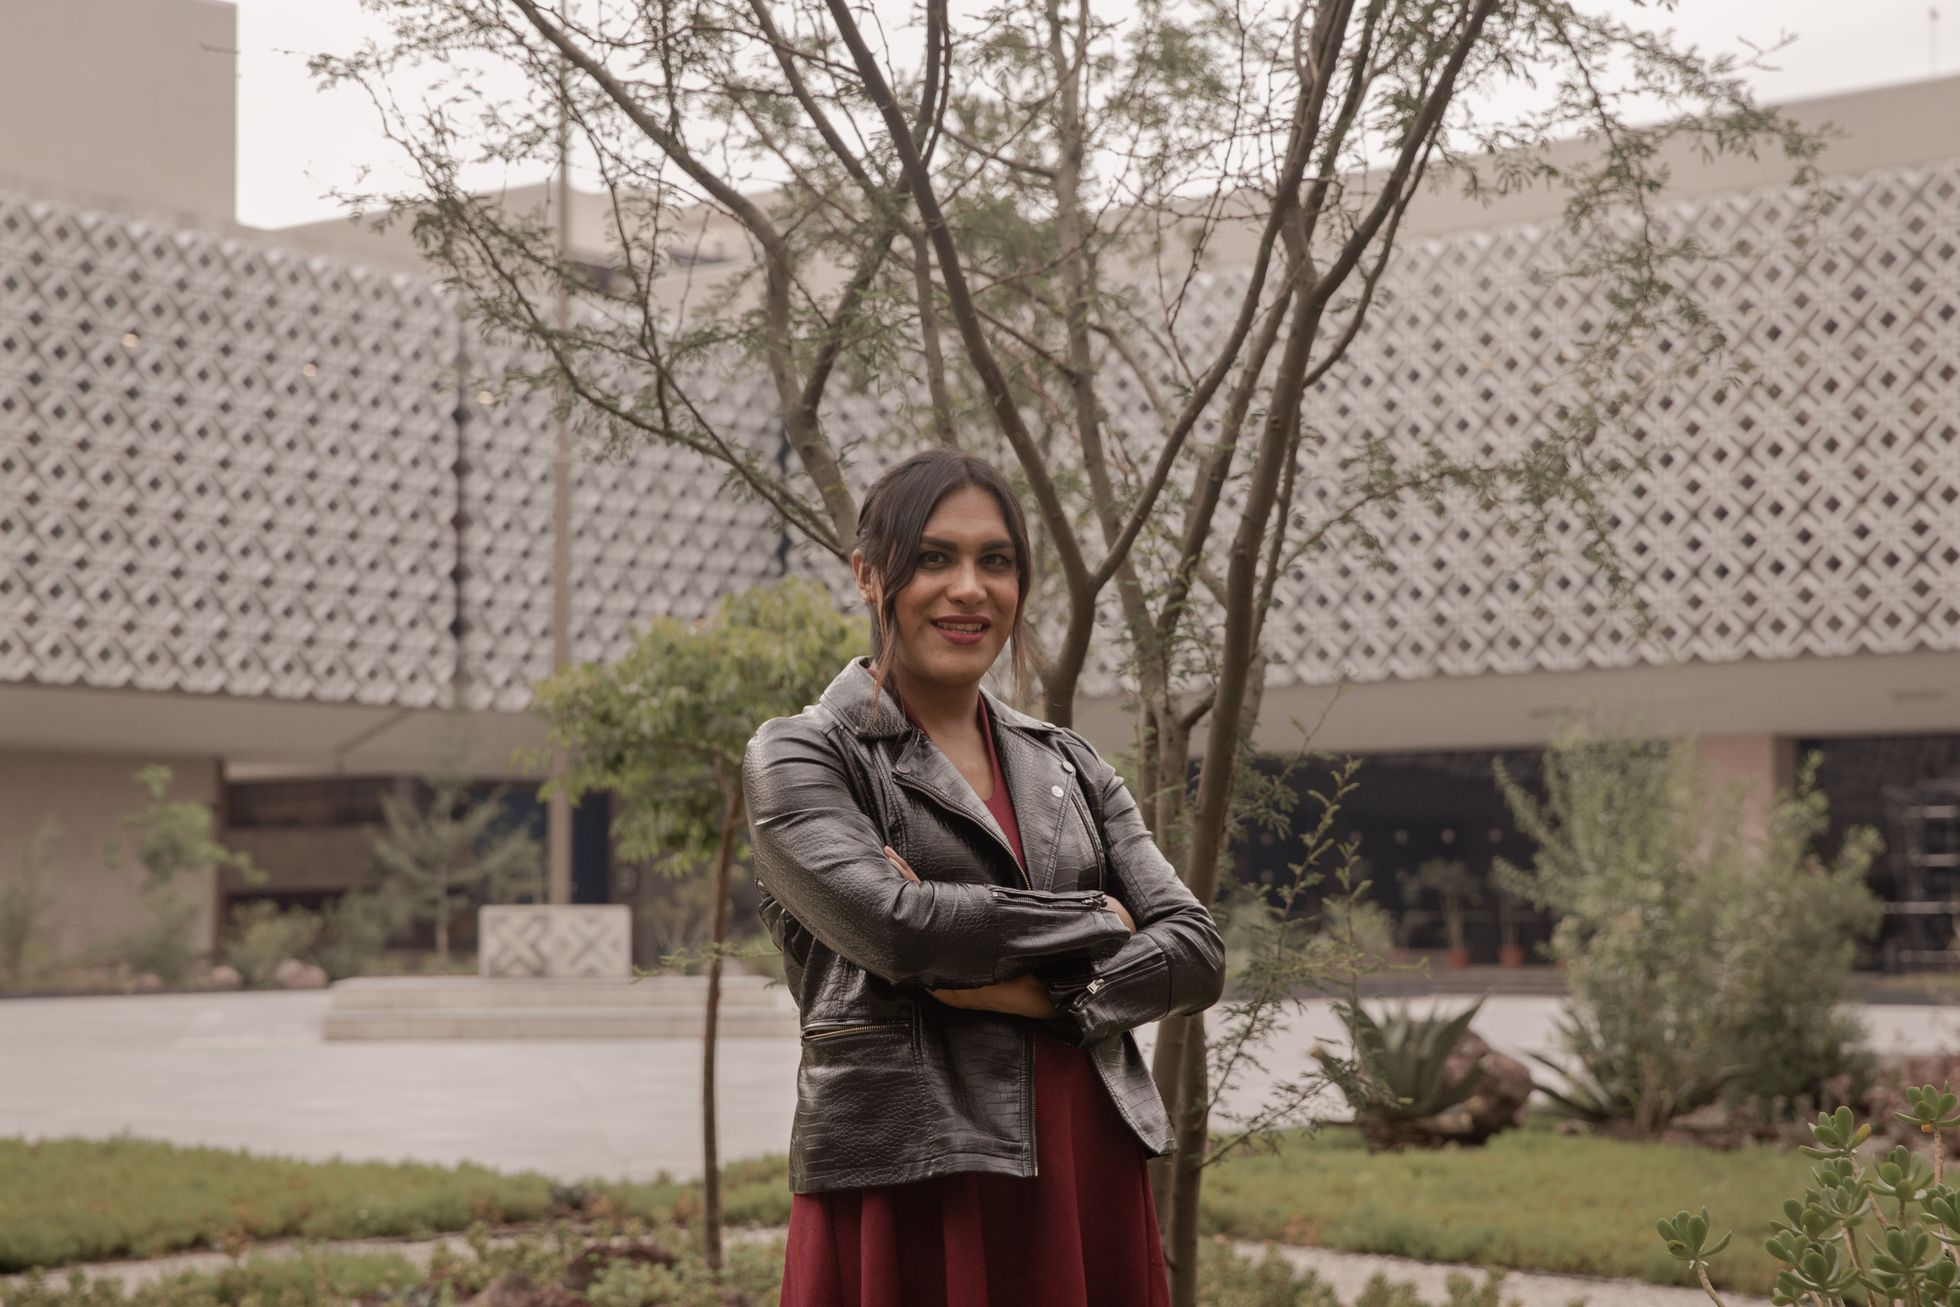 María Clemente García, la mujer que llegará al Congreso como una de las primeras diputadas trans de México